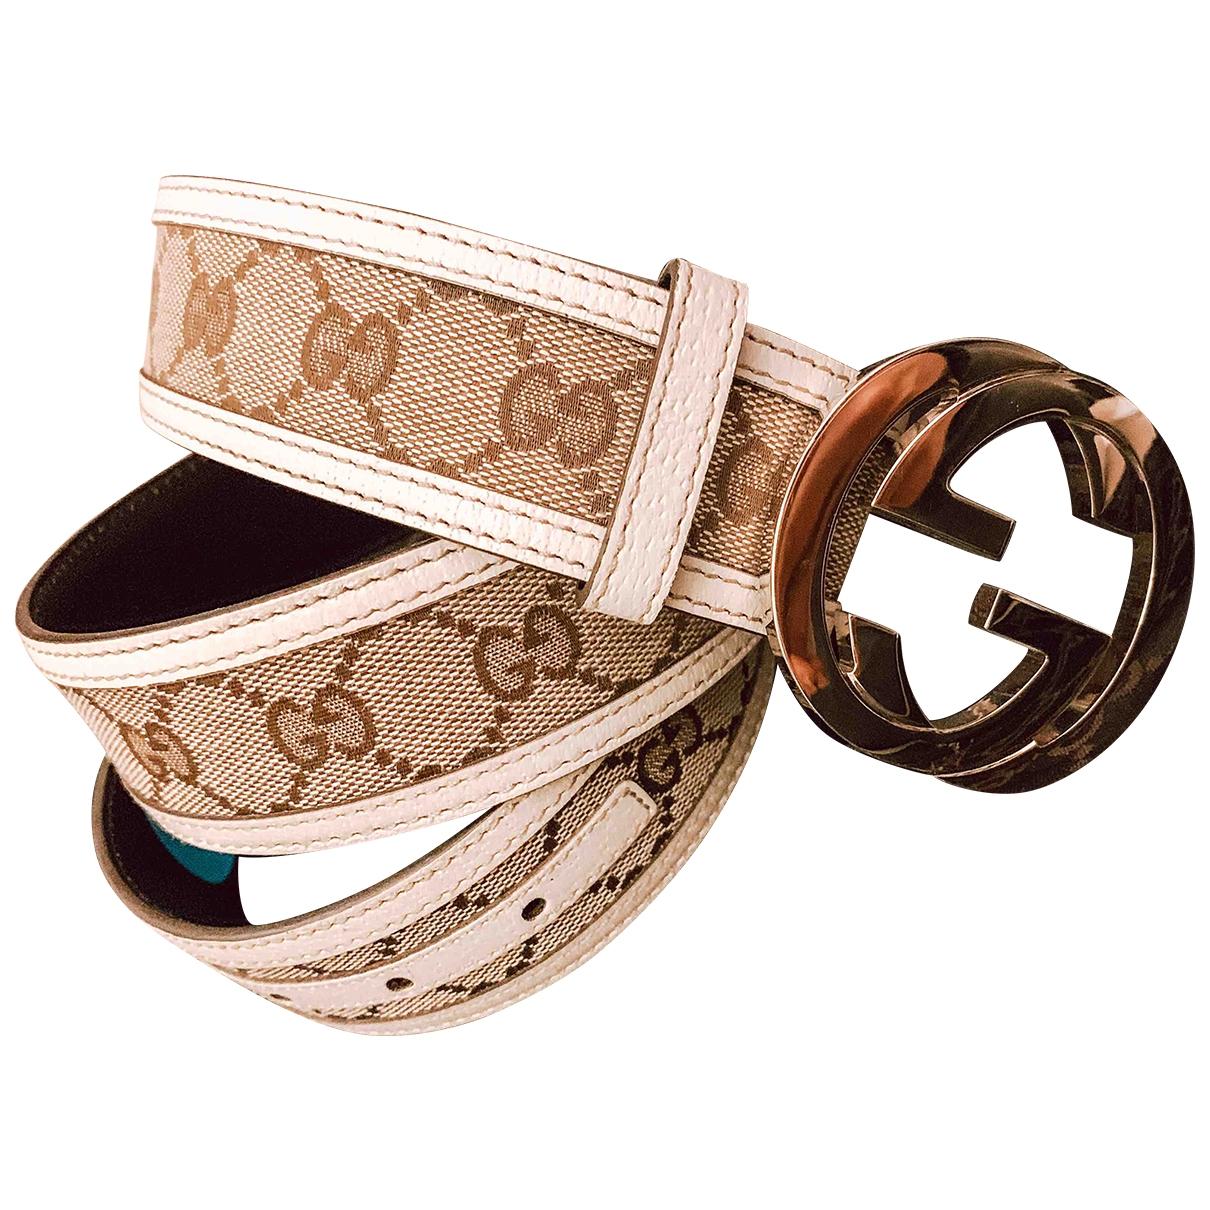 Gucci - Ceinture Interlocking Buckle pour femme en toile - beige